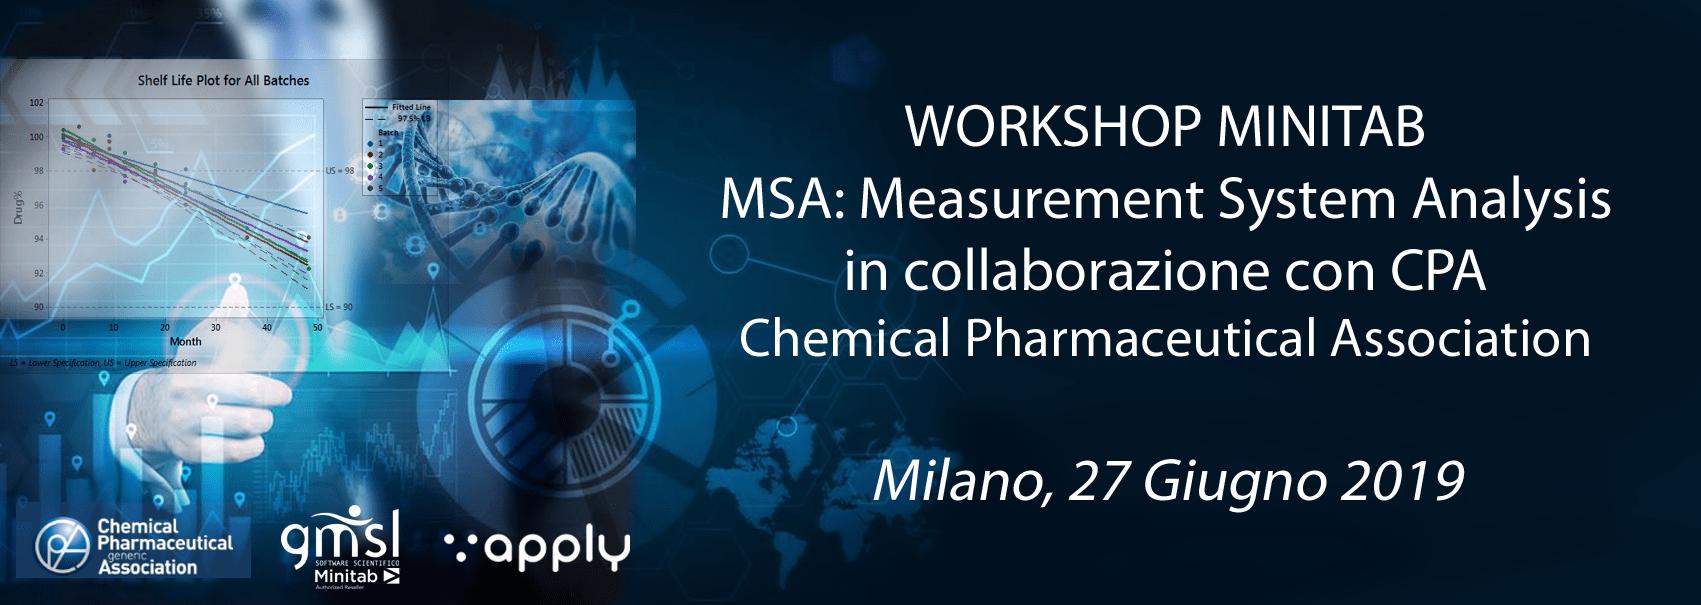 2019_05_CPA Minitab | Workshop CPA - Qualità dei processi e analisi dei sistemi di misura in ambito chimico/farmaceutico: esempi pratici per un sicuro miglioramento